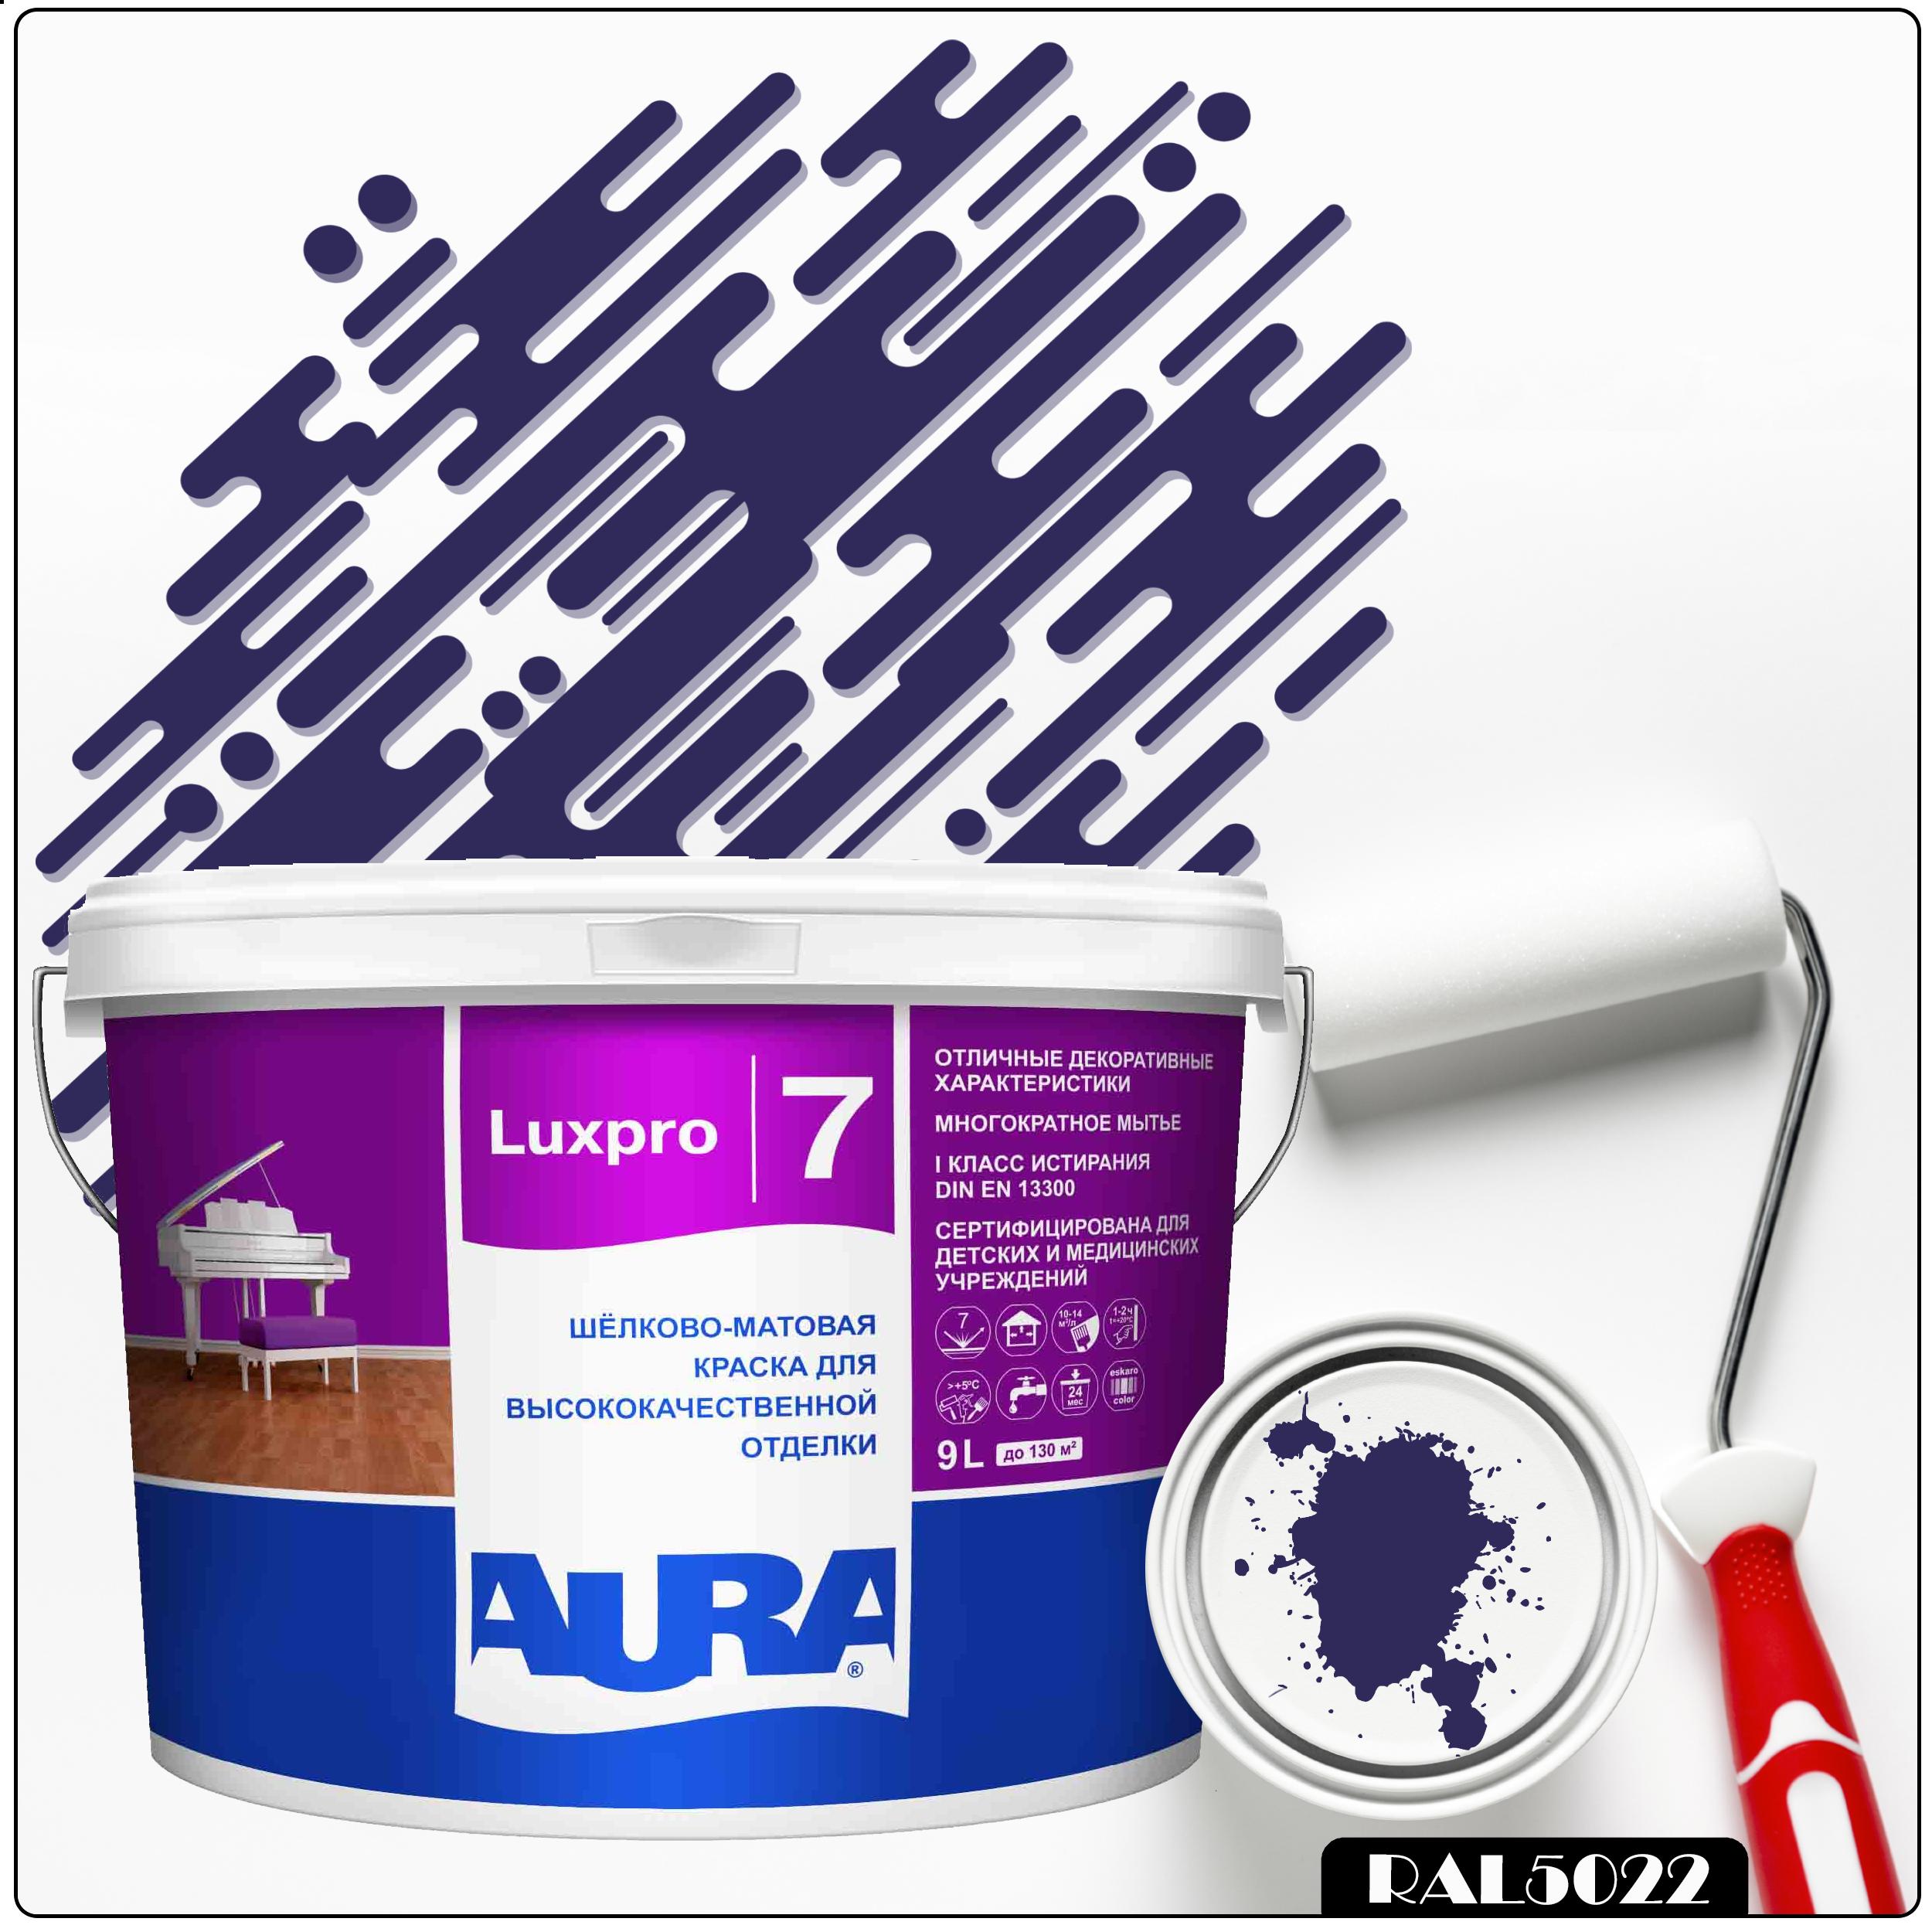 Фото 21 - Краска Aura LuxPRO 7, RAL 5022 Ночной синий, латексная, шелково-матовая, интерьерная, 9л, Аура.